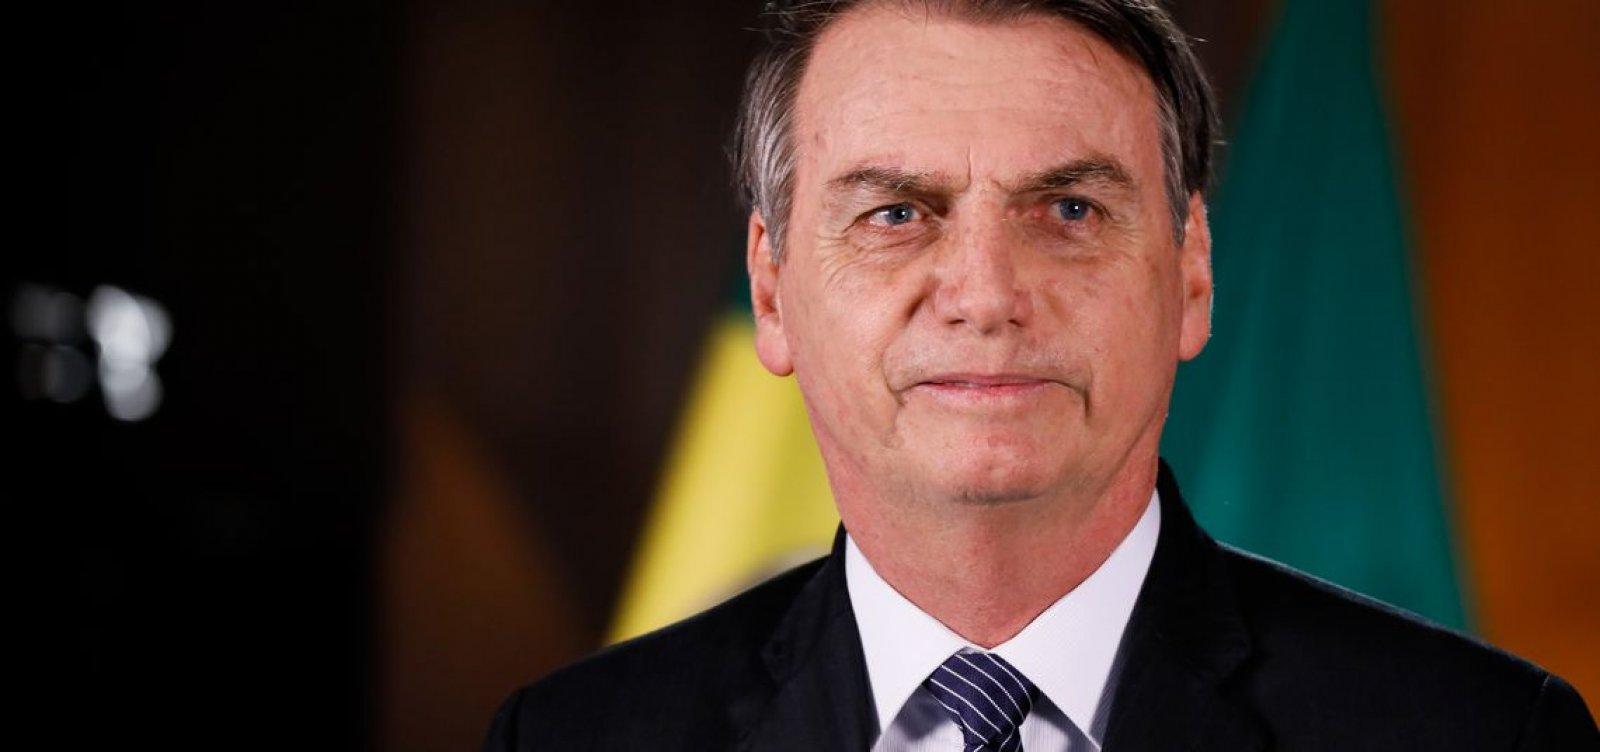 'Sombra que às vezes não se guia de acordo com o sol', diz Bolsonaro sobre papel de vice-presidente